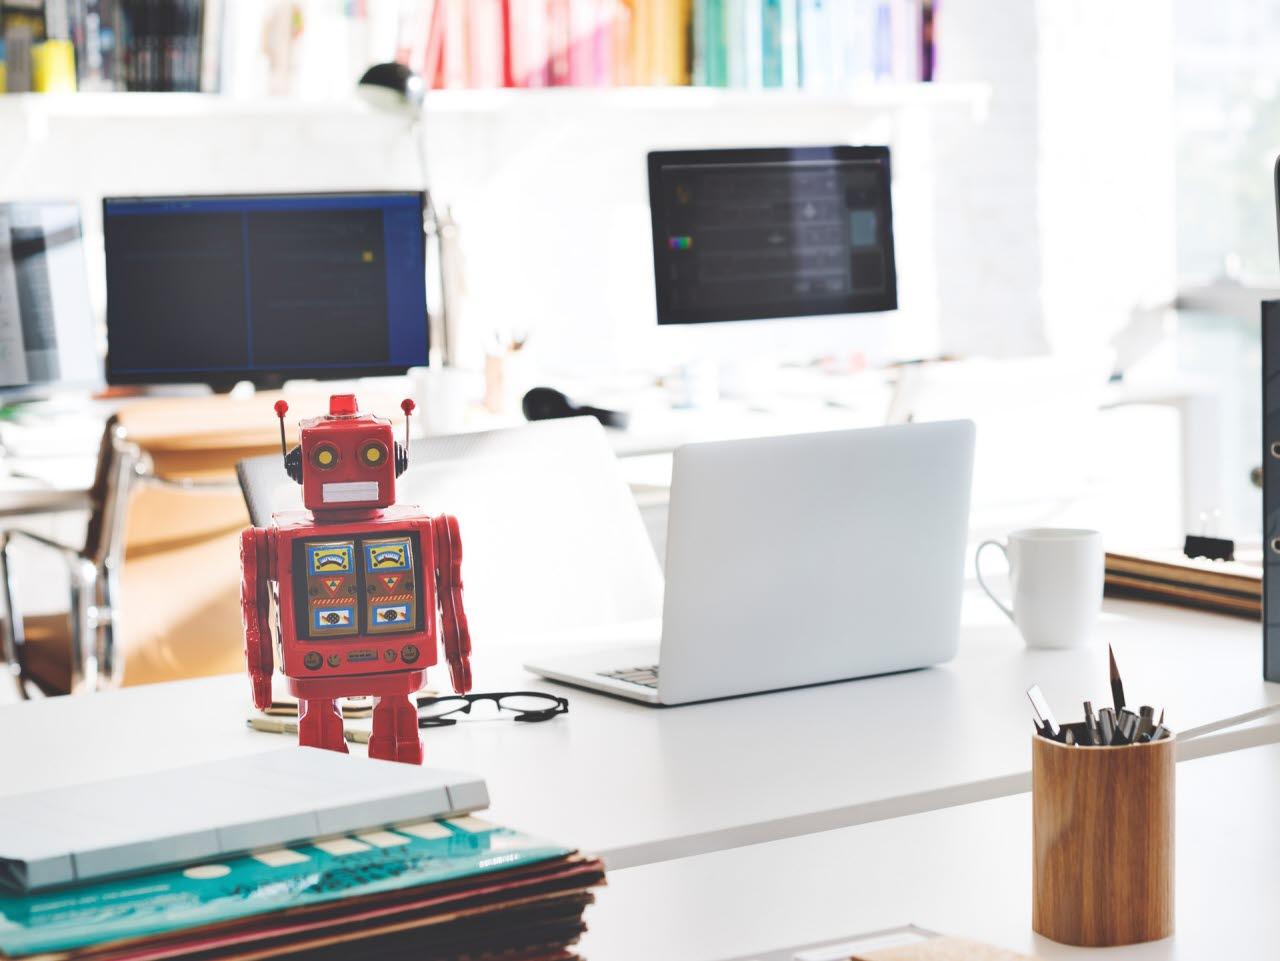 Robot in an office